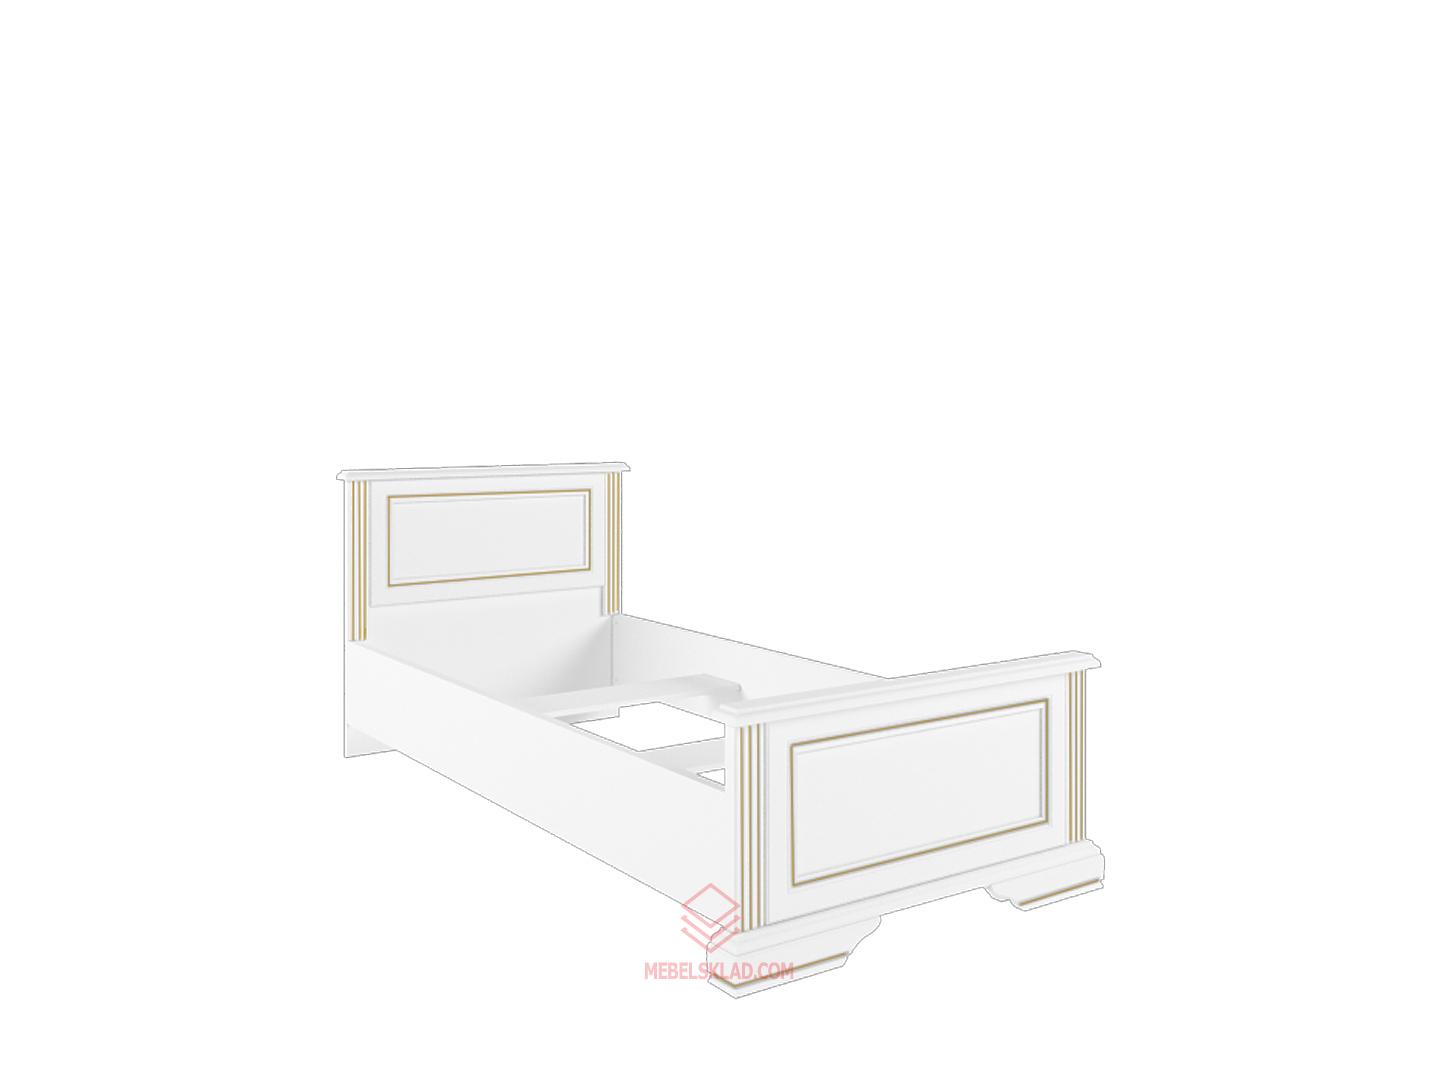 Кровать с основанием гибким LOZ90х200 сосна золотая ВАЙТ за 14223 ₽